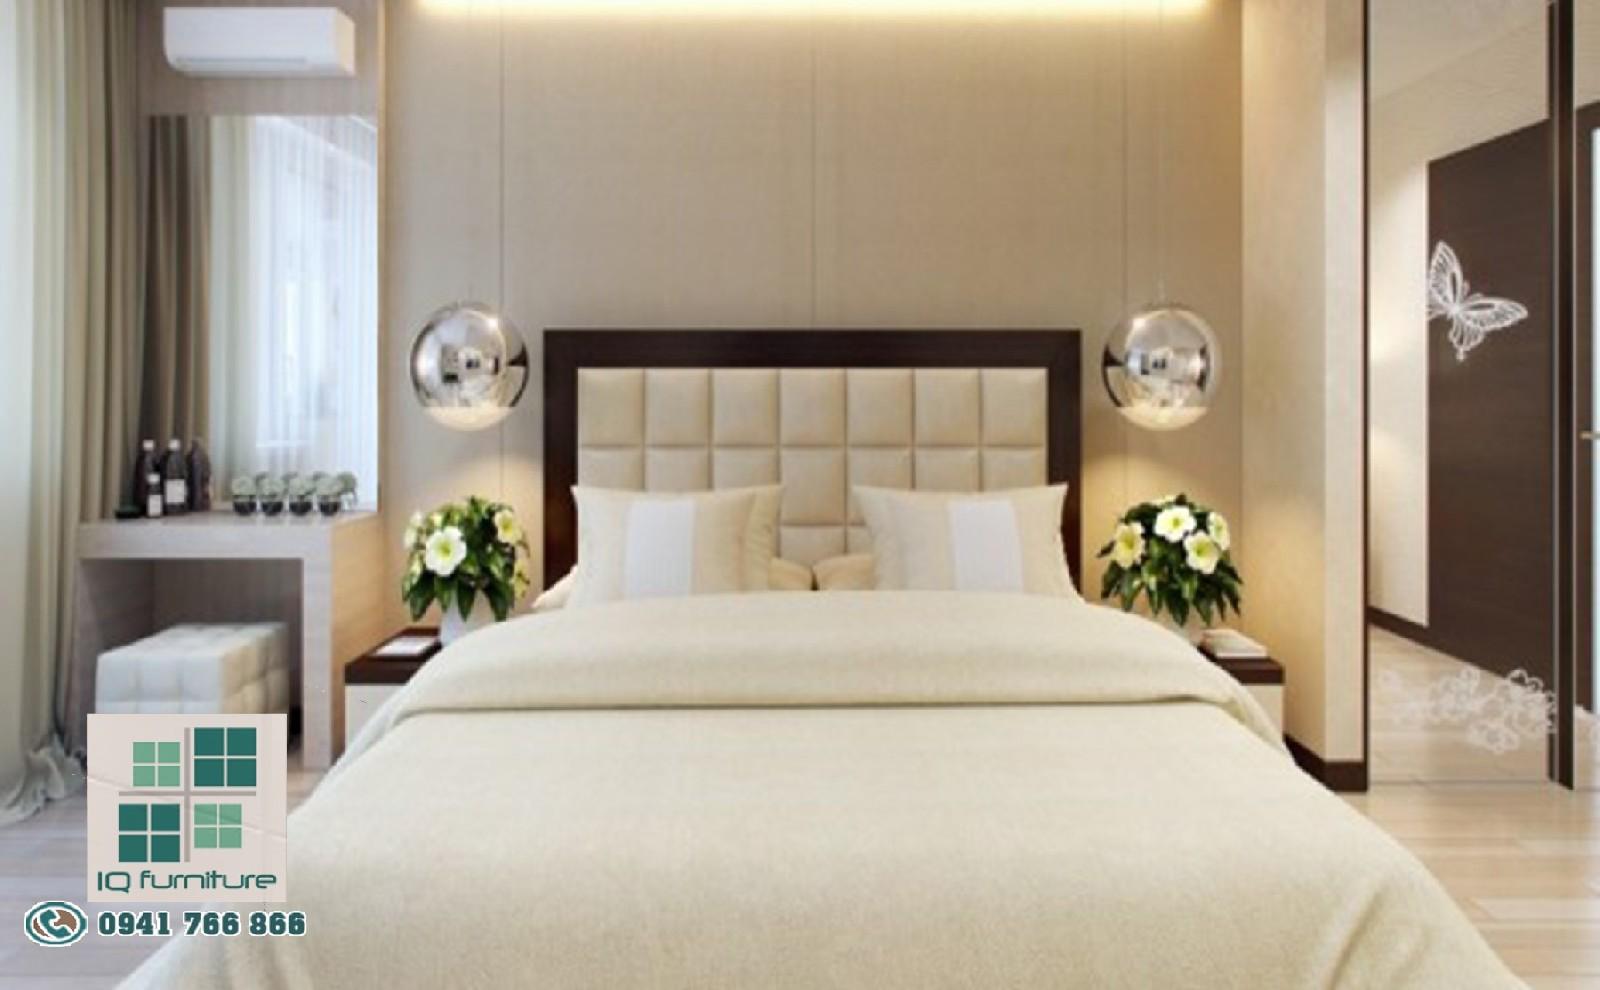 Thiết kế nội thất phòng ngủ cho mùa cưới năm 2017